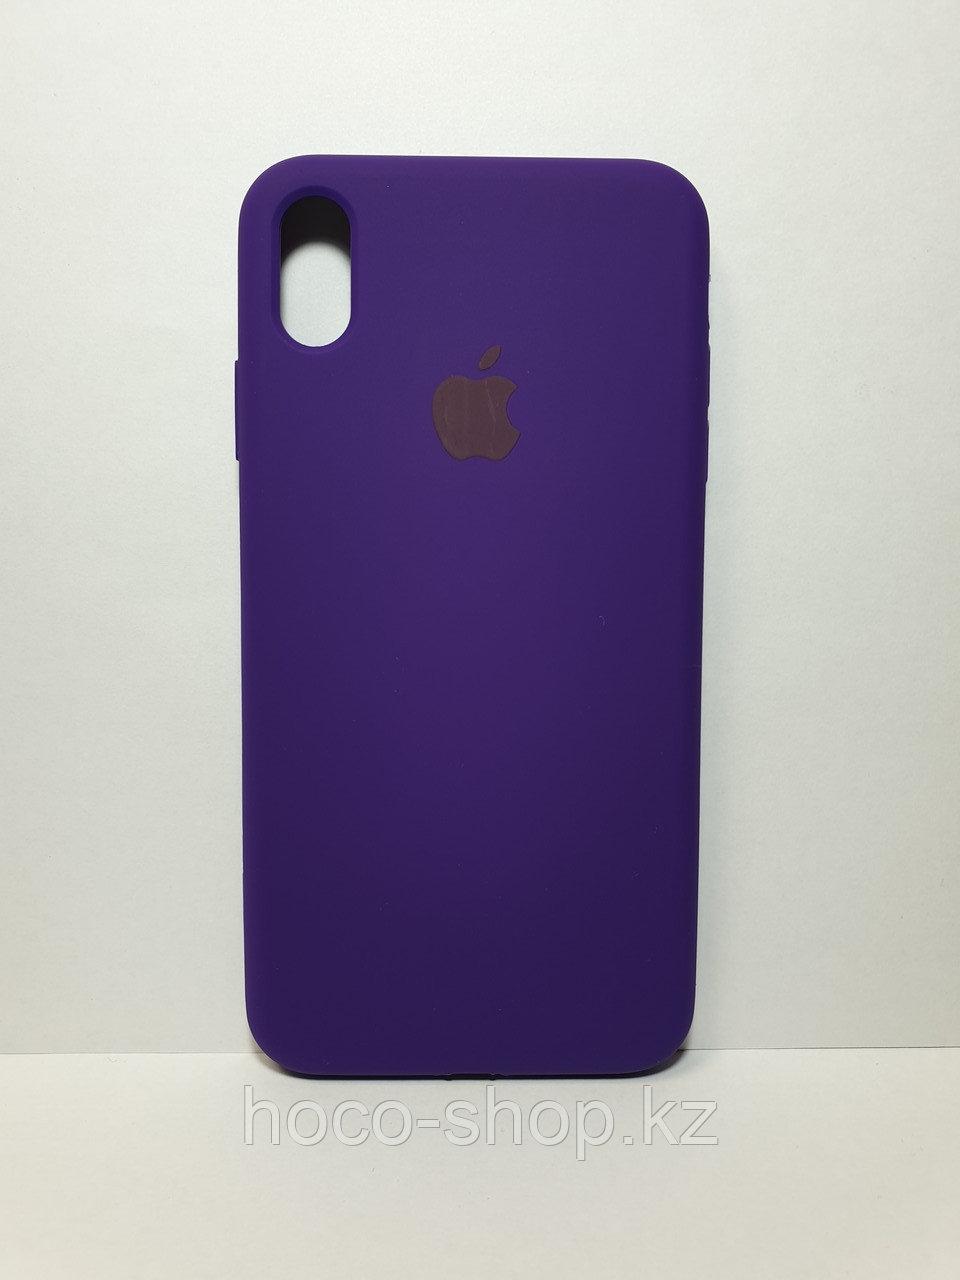 Защитный чехол для iPhone Xs Max Soft Touch силиконовый, фиолетовый